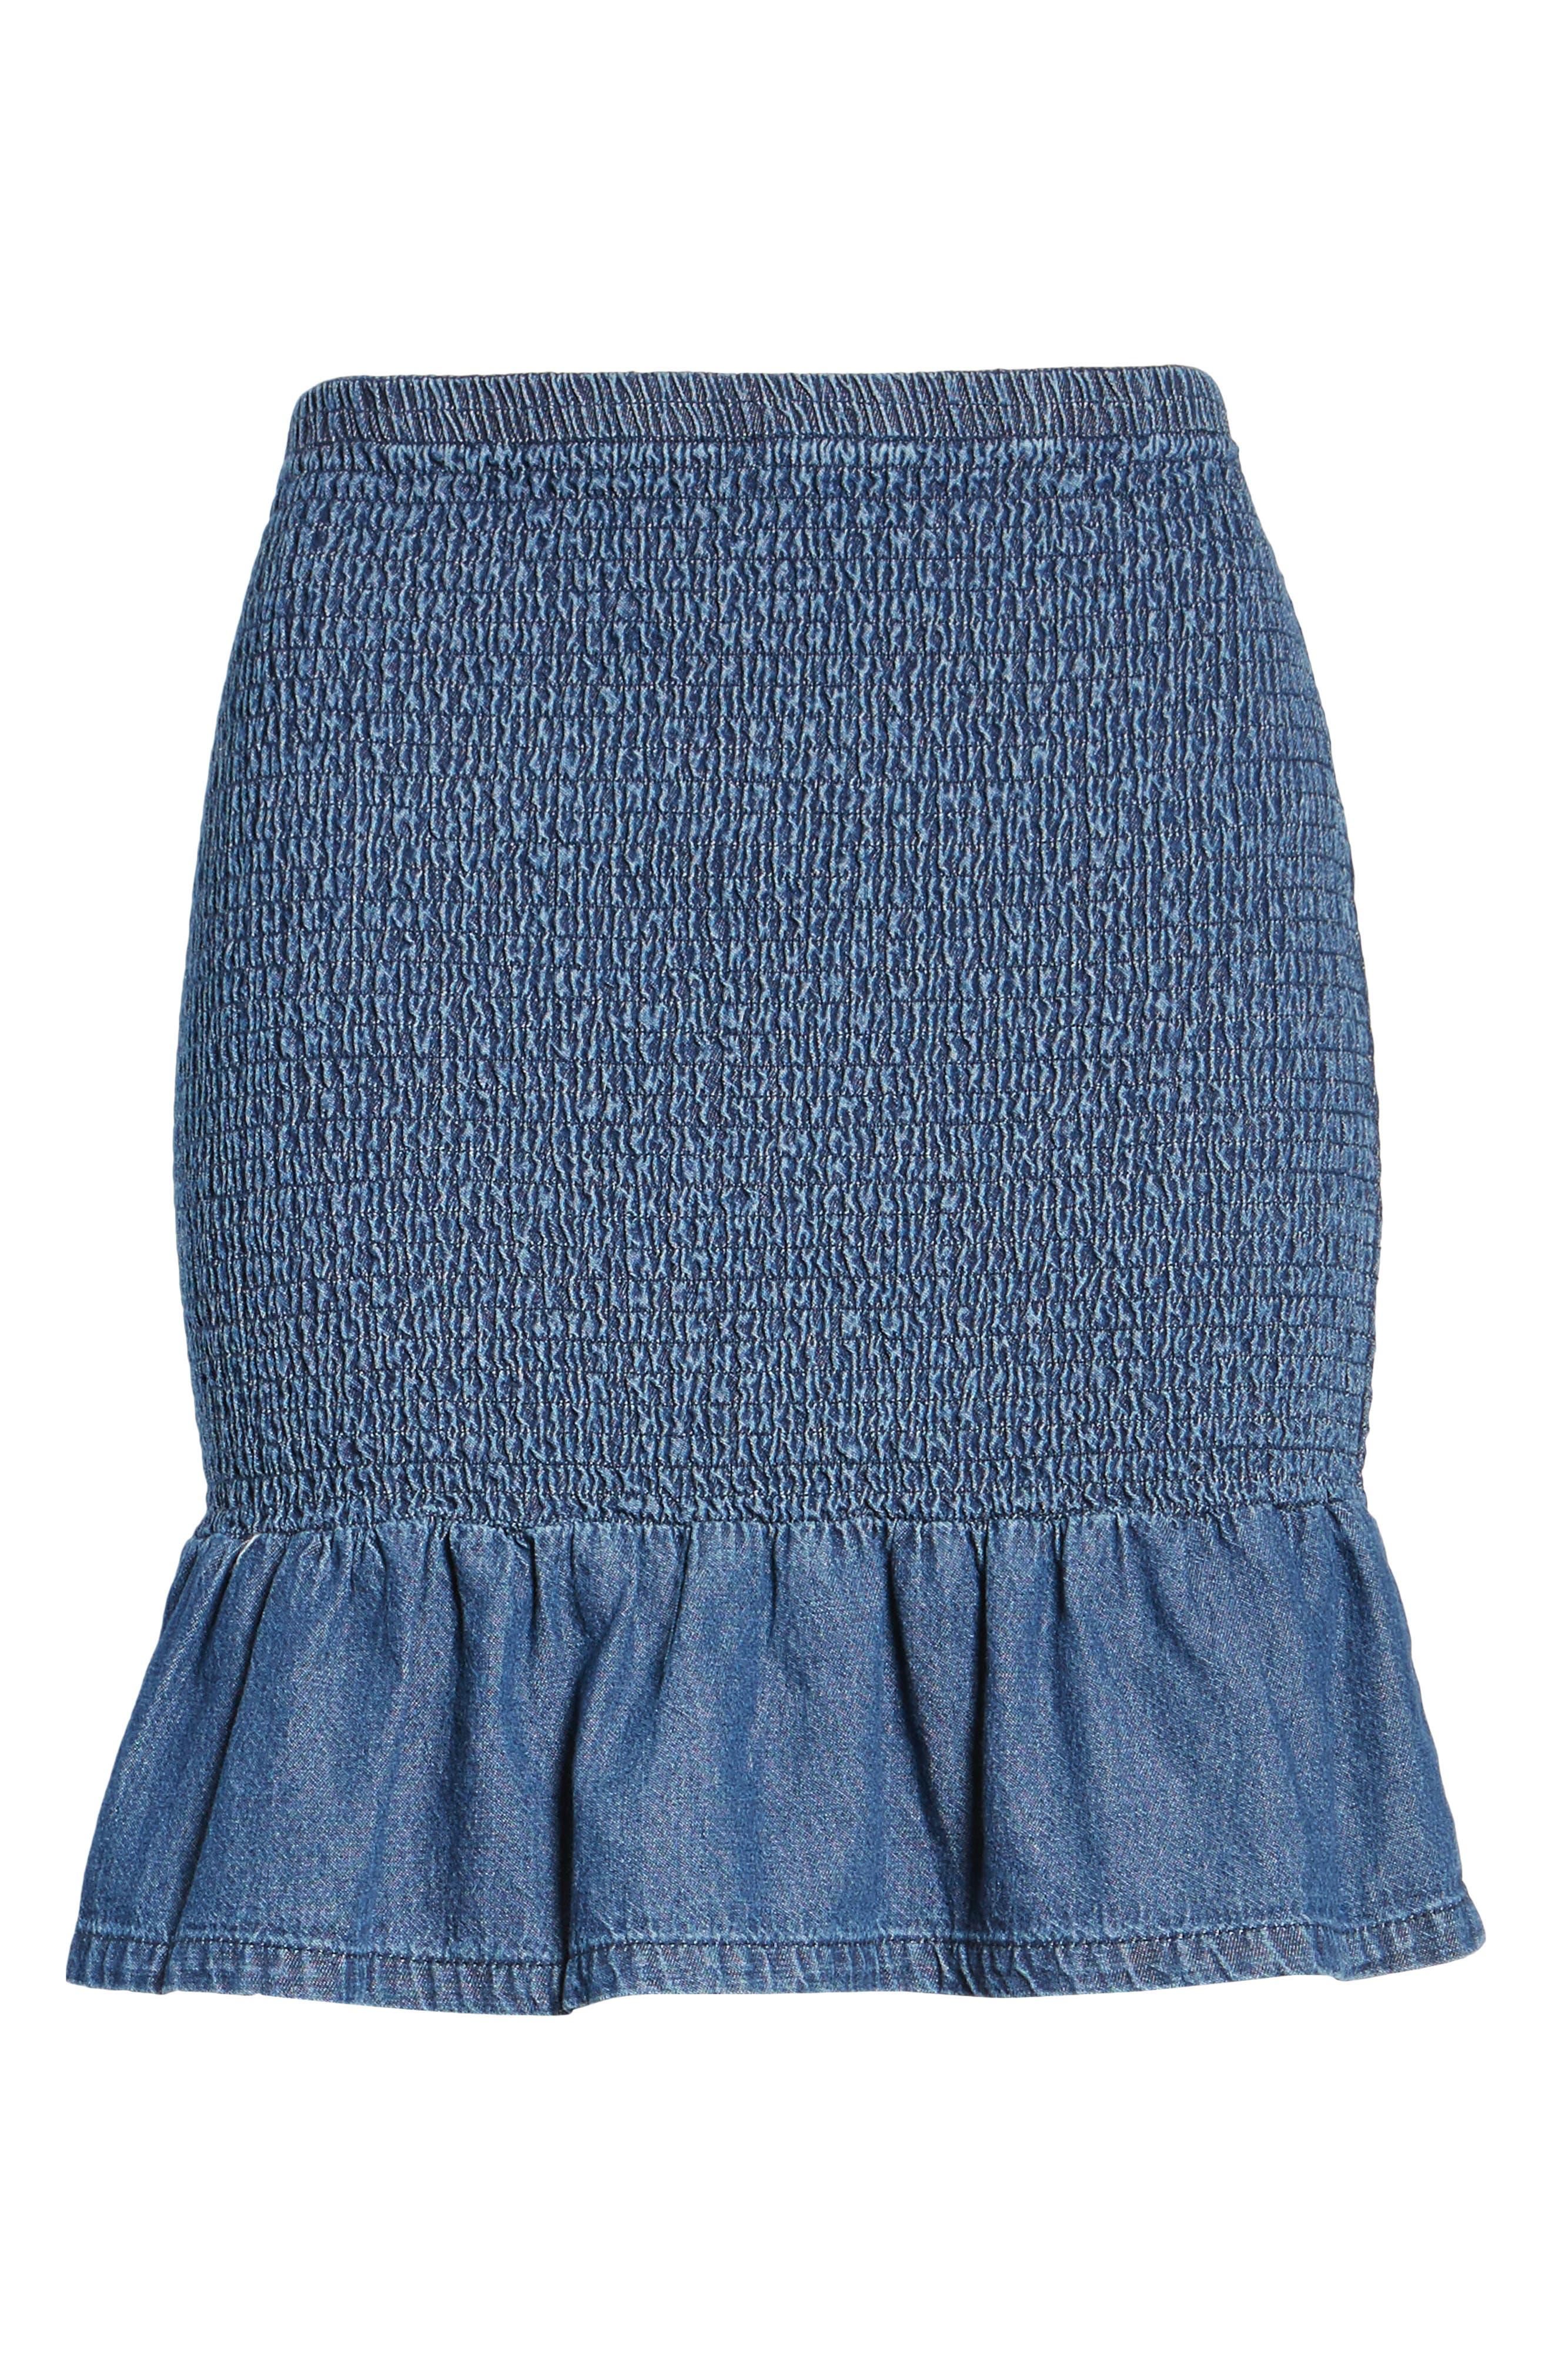 Sentiment Smocked Denim Skirt,                             Alternate thumbnail 6, color,                             412